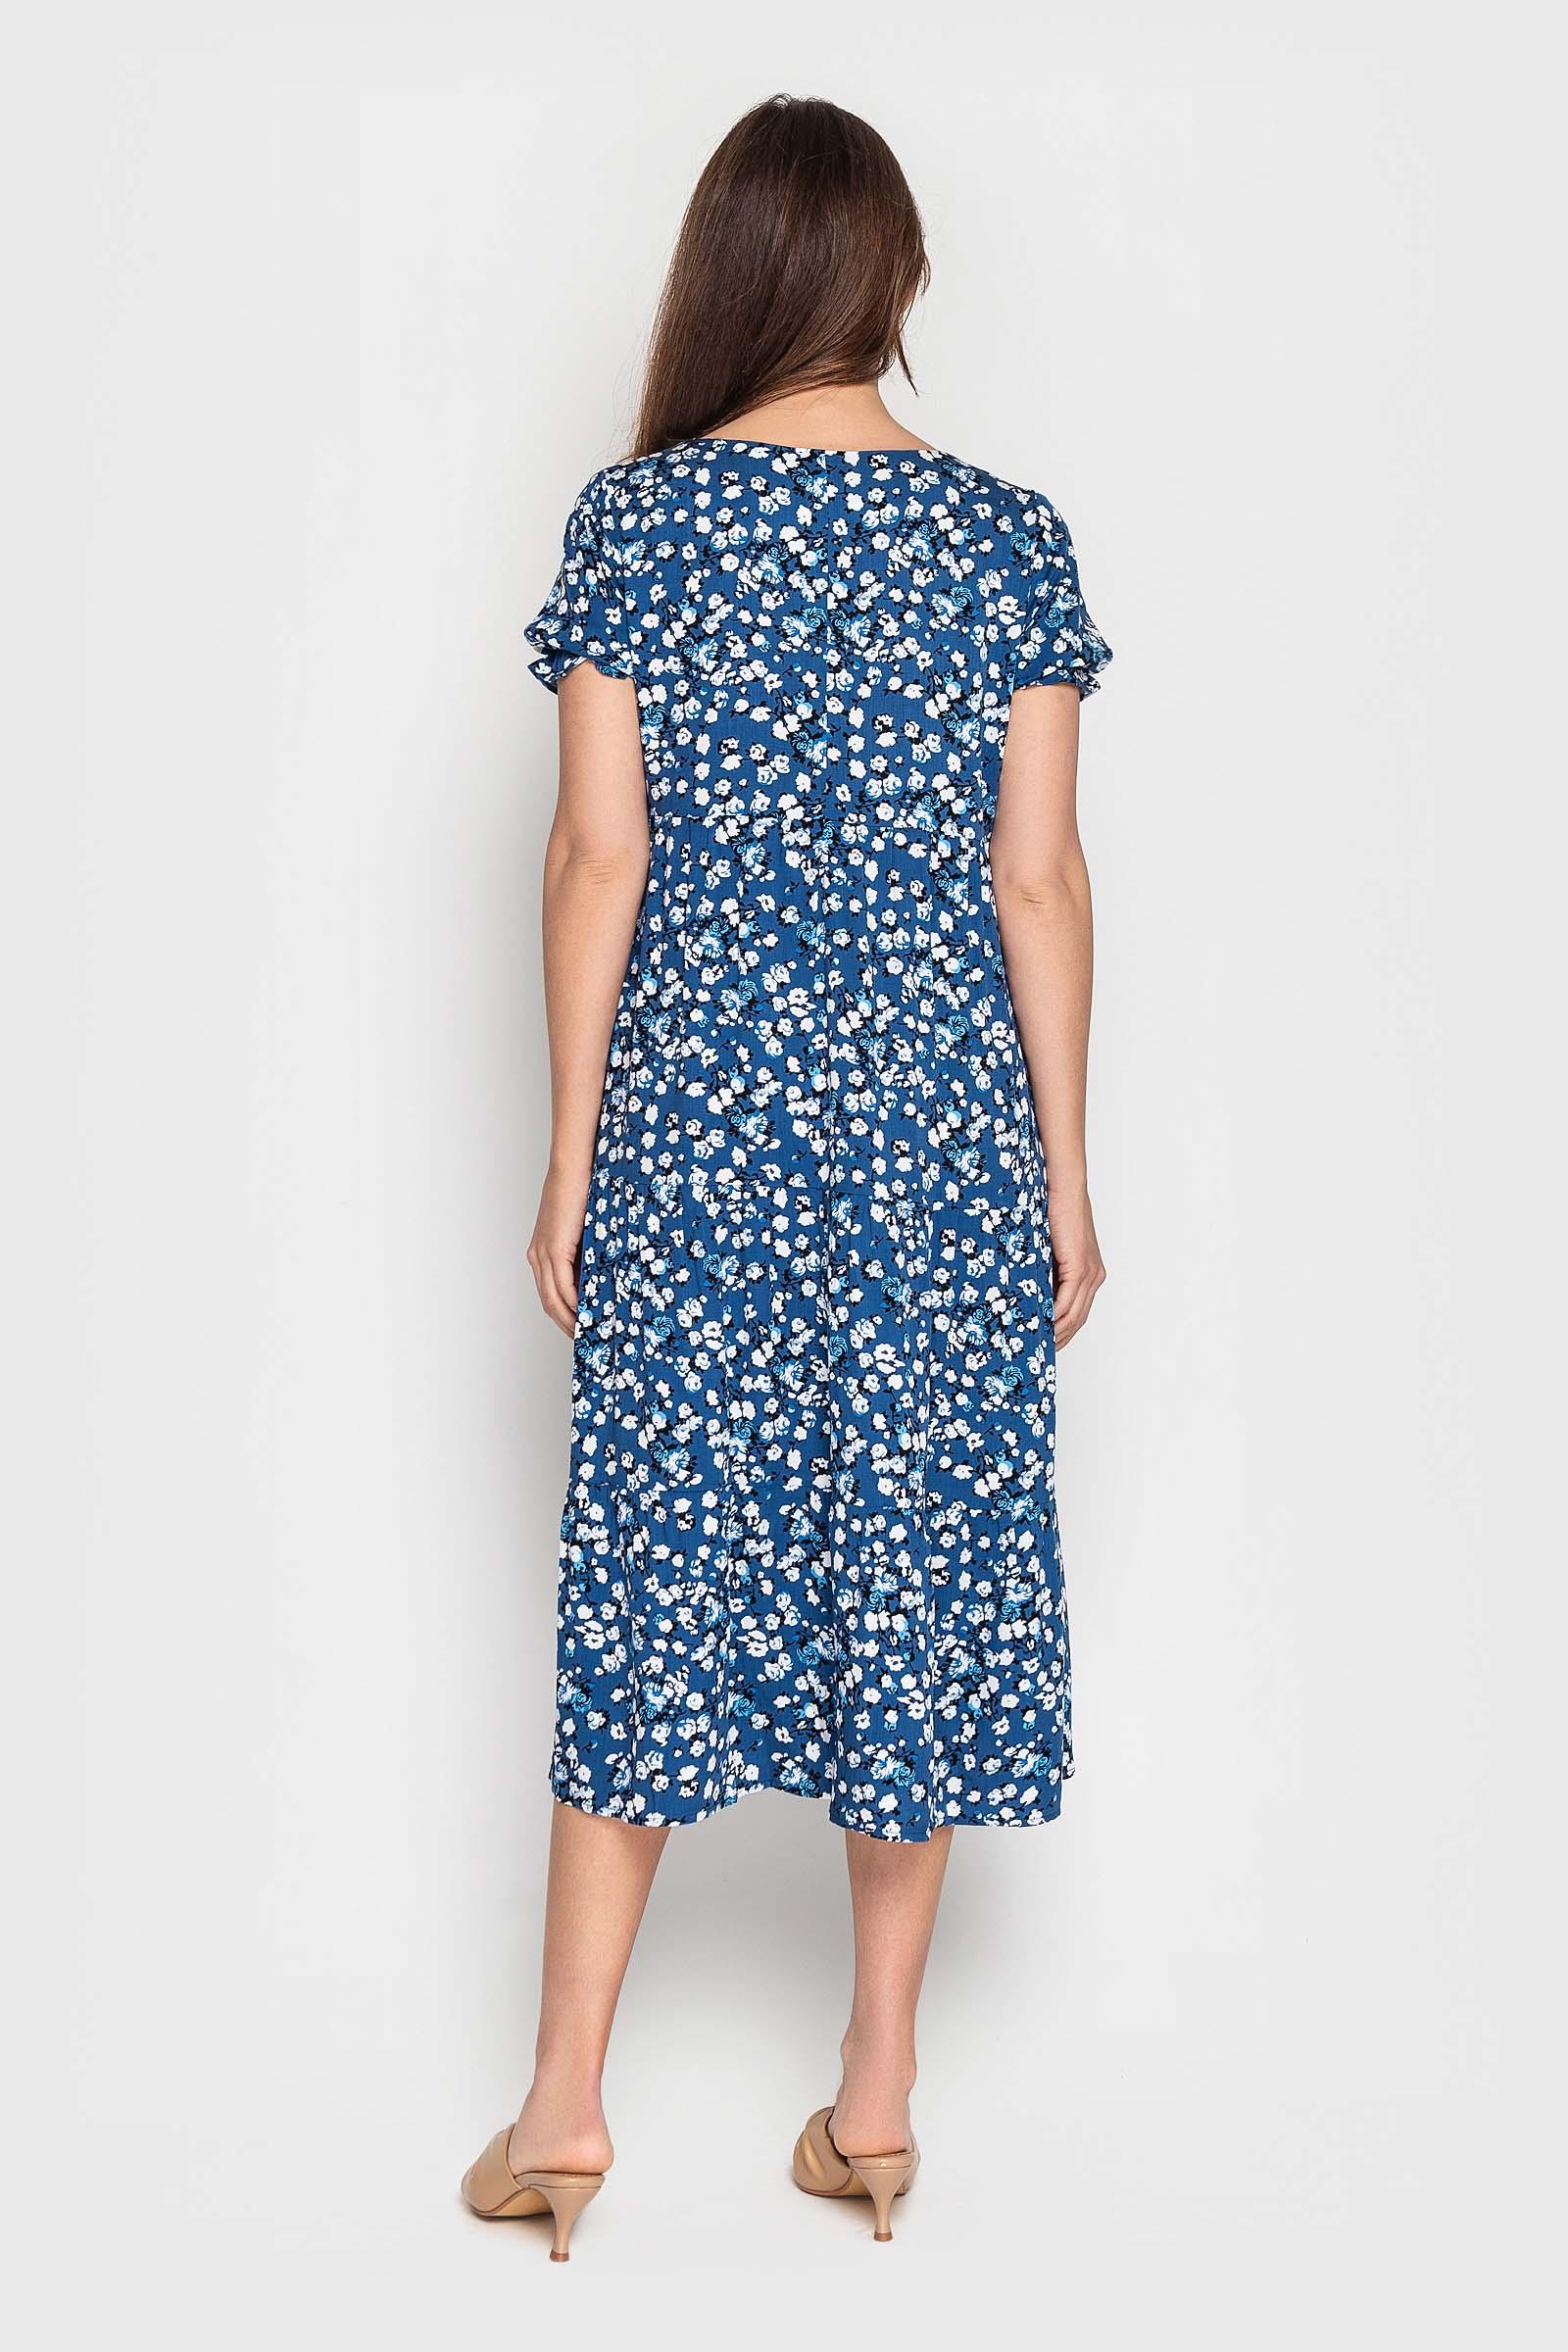 2021 04 10 poltava31232 Купить платье